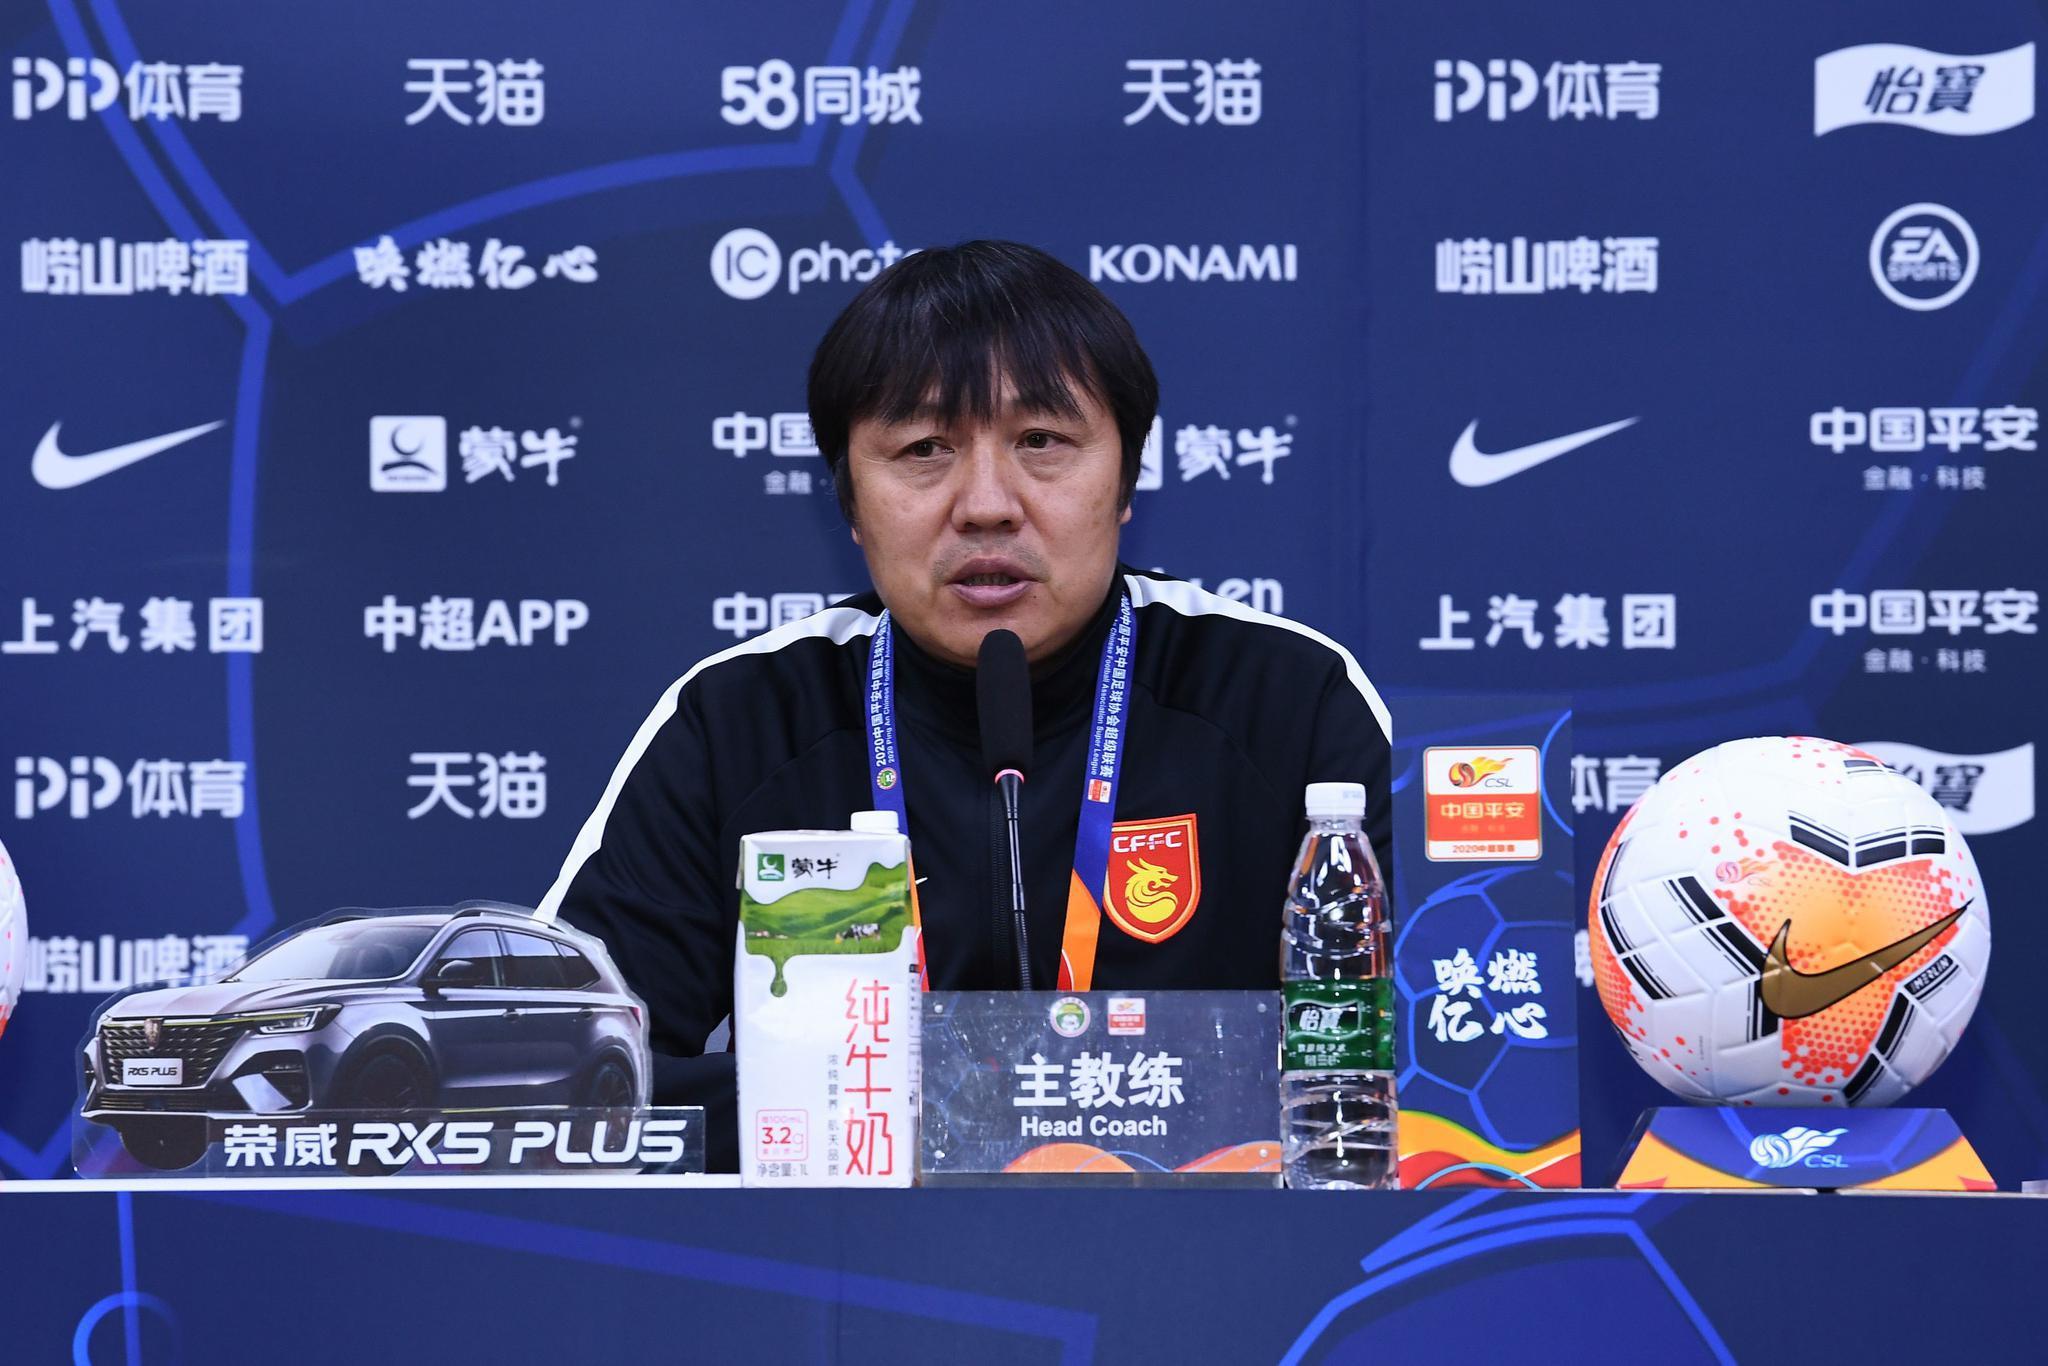 谢峰:想要进入前6还需提高防守,之后会锻炼年轻队员